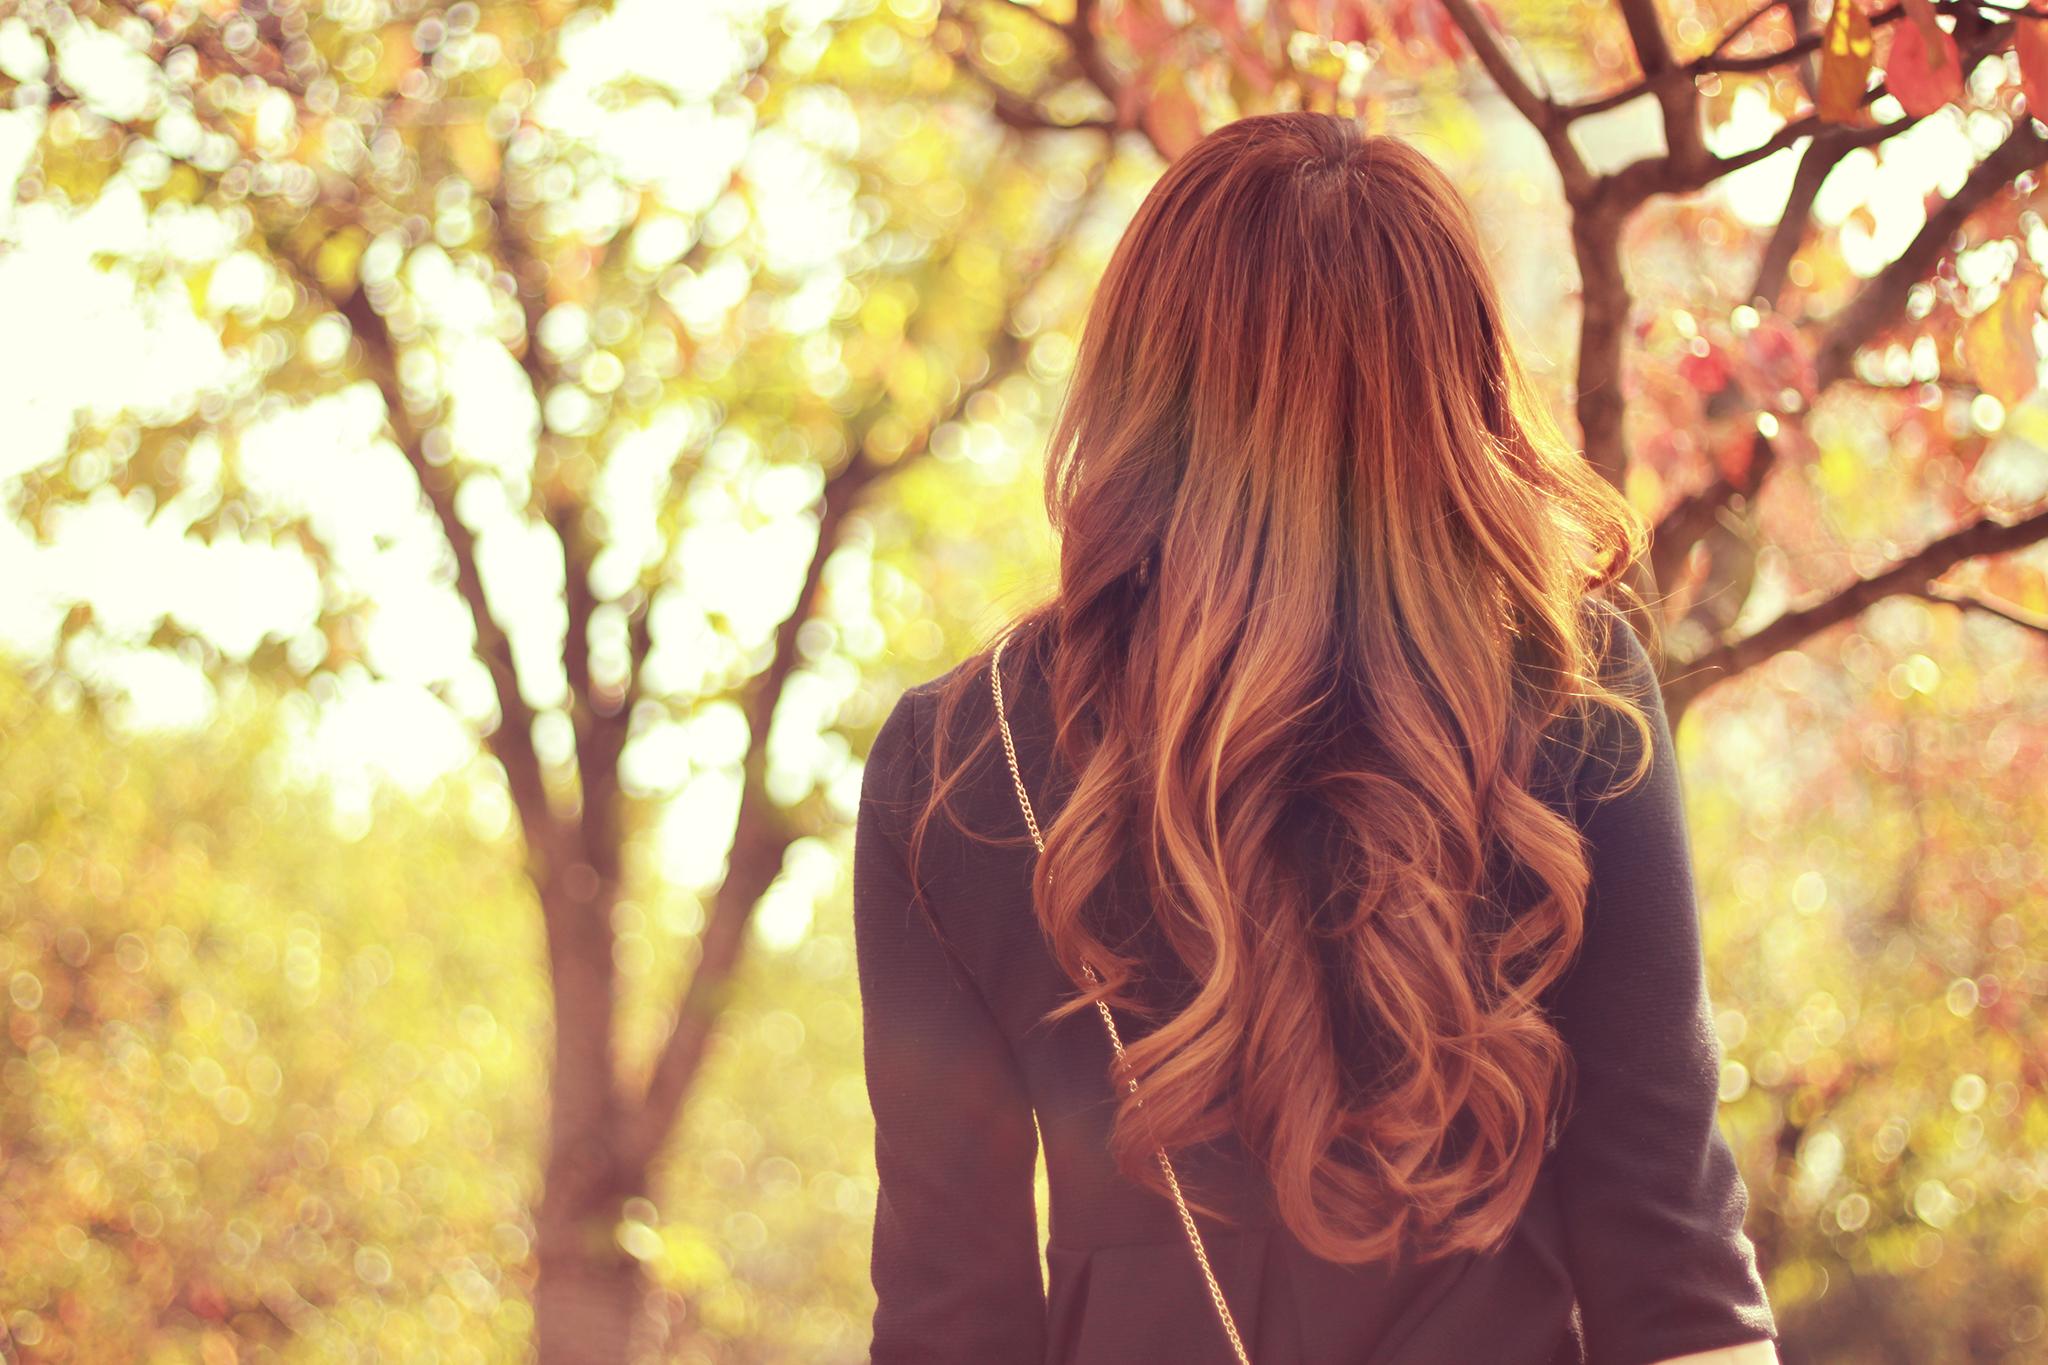 初デートから2回目なしに判定される、デートに誘われない女性の特徴